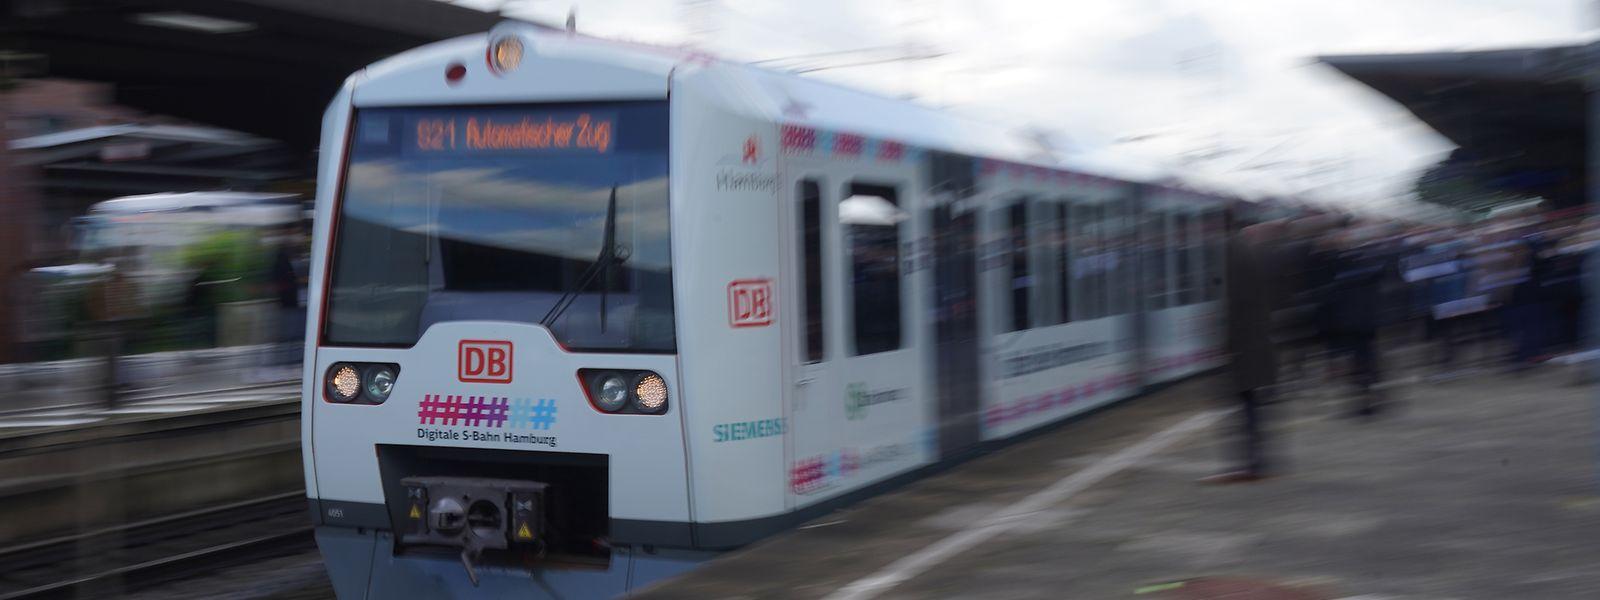 O comboio S-Bahn S21 automático e sem condutor entra na estação de Dammtor em Hamburgo.